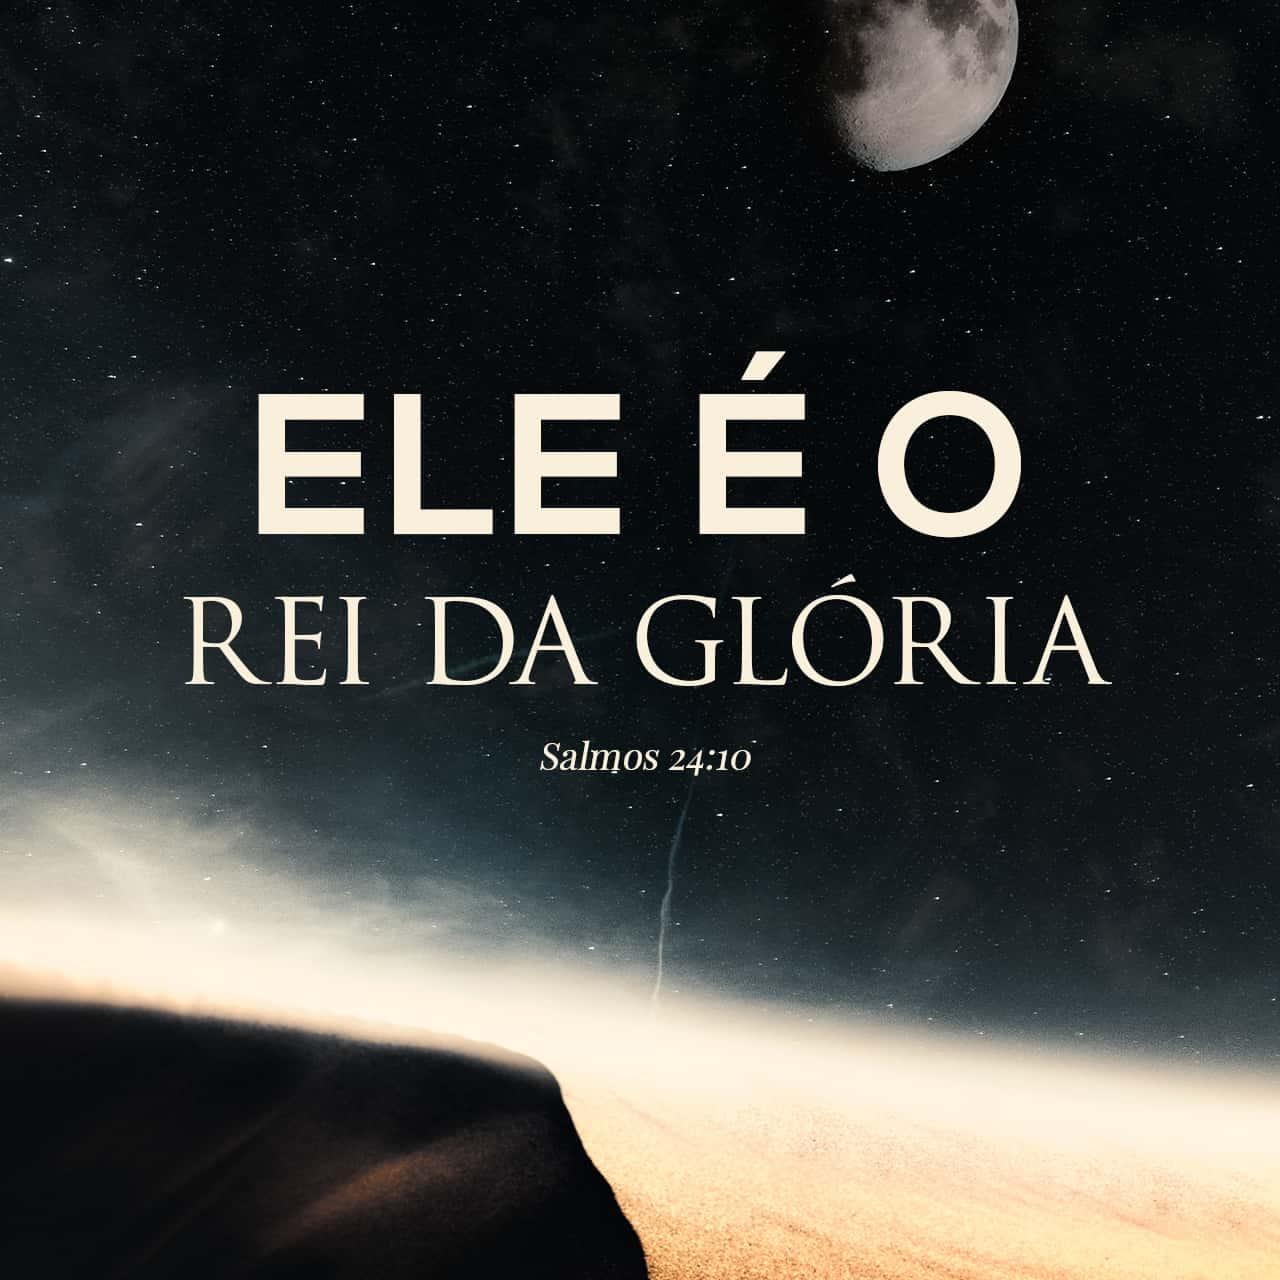 Salmos 24:10 Quem é esse Rei da glória? É Deus, o SENHOR ...